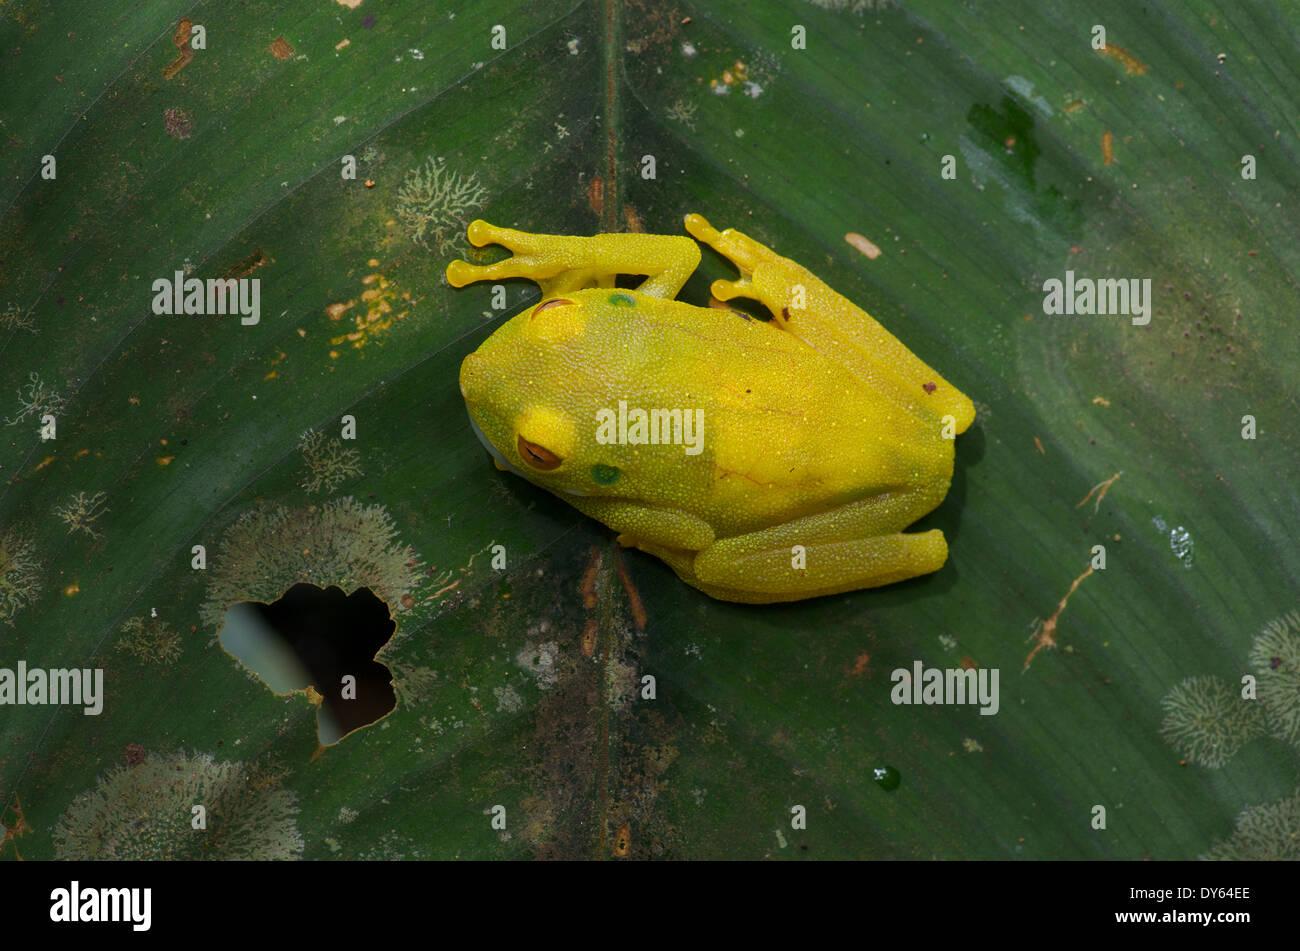 Ein Rough-enthäuteten grünen Treefrog (Hypsiboas Cinerascens) schlafen tagsüber auf einem vertikalen Blatt im Amazonasbecken in Peru. Stockbild